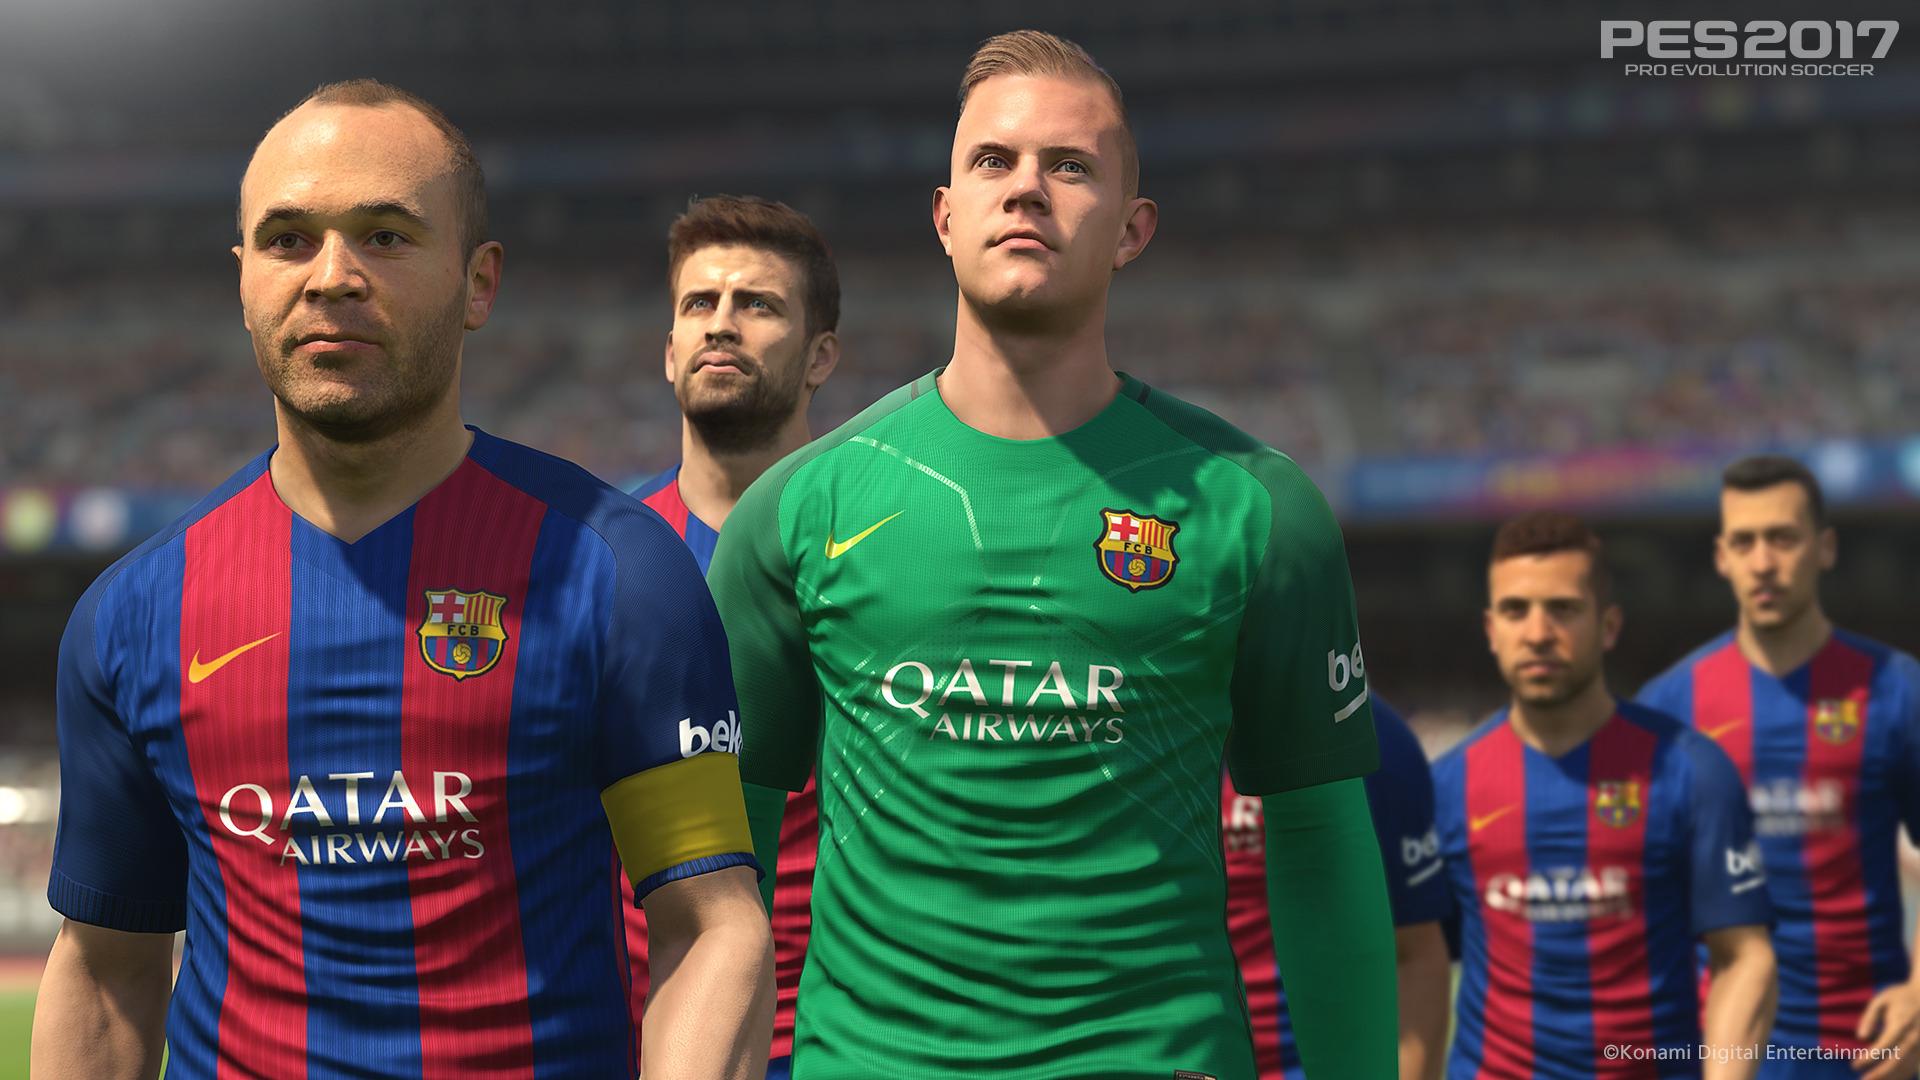 Hráči Barcelony hvězdami PES 2017 127699